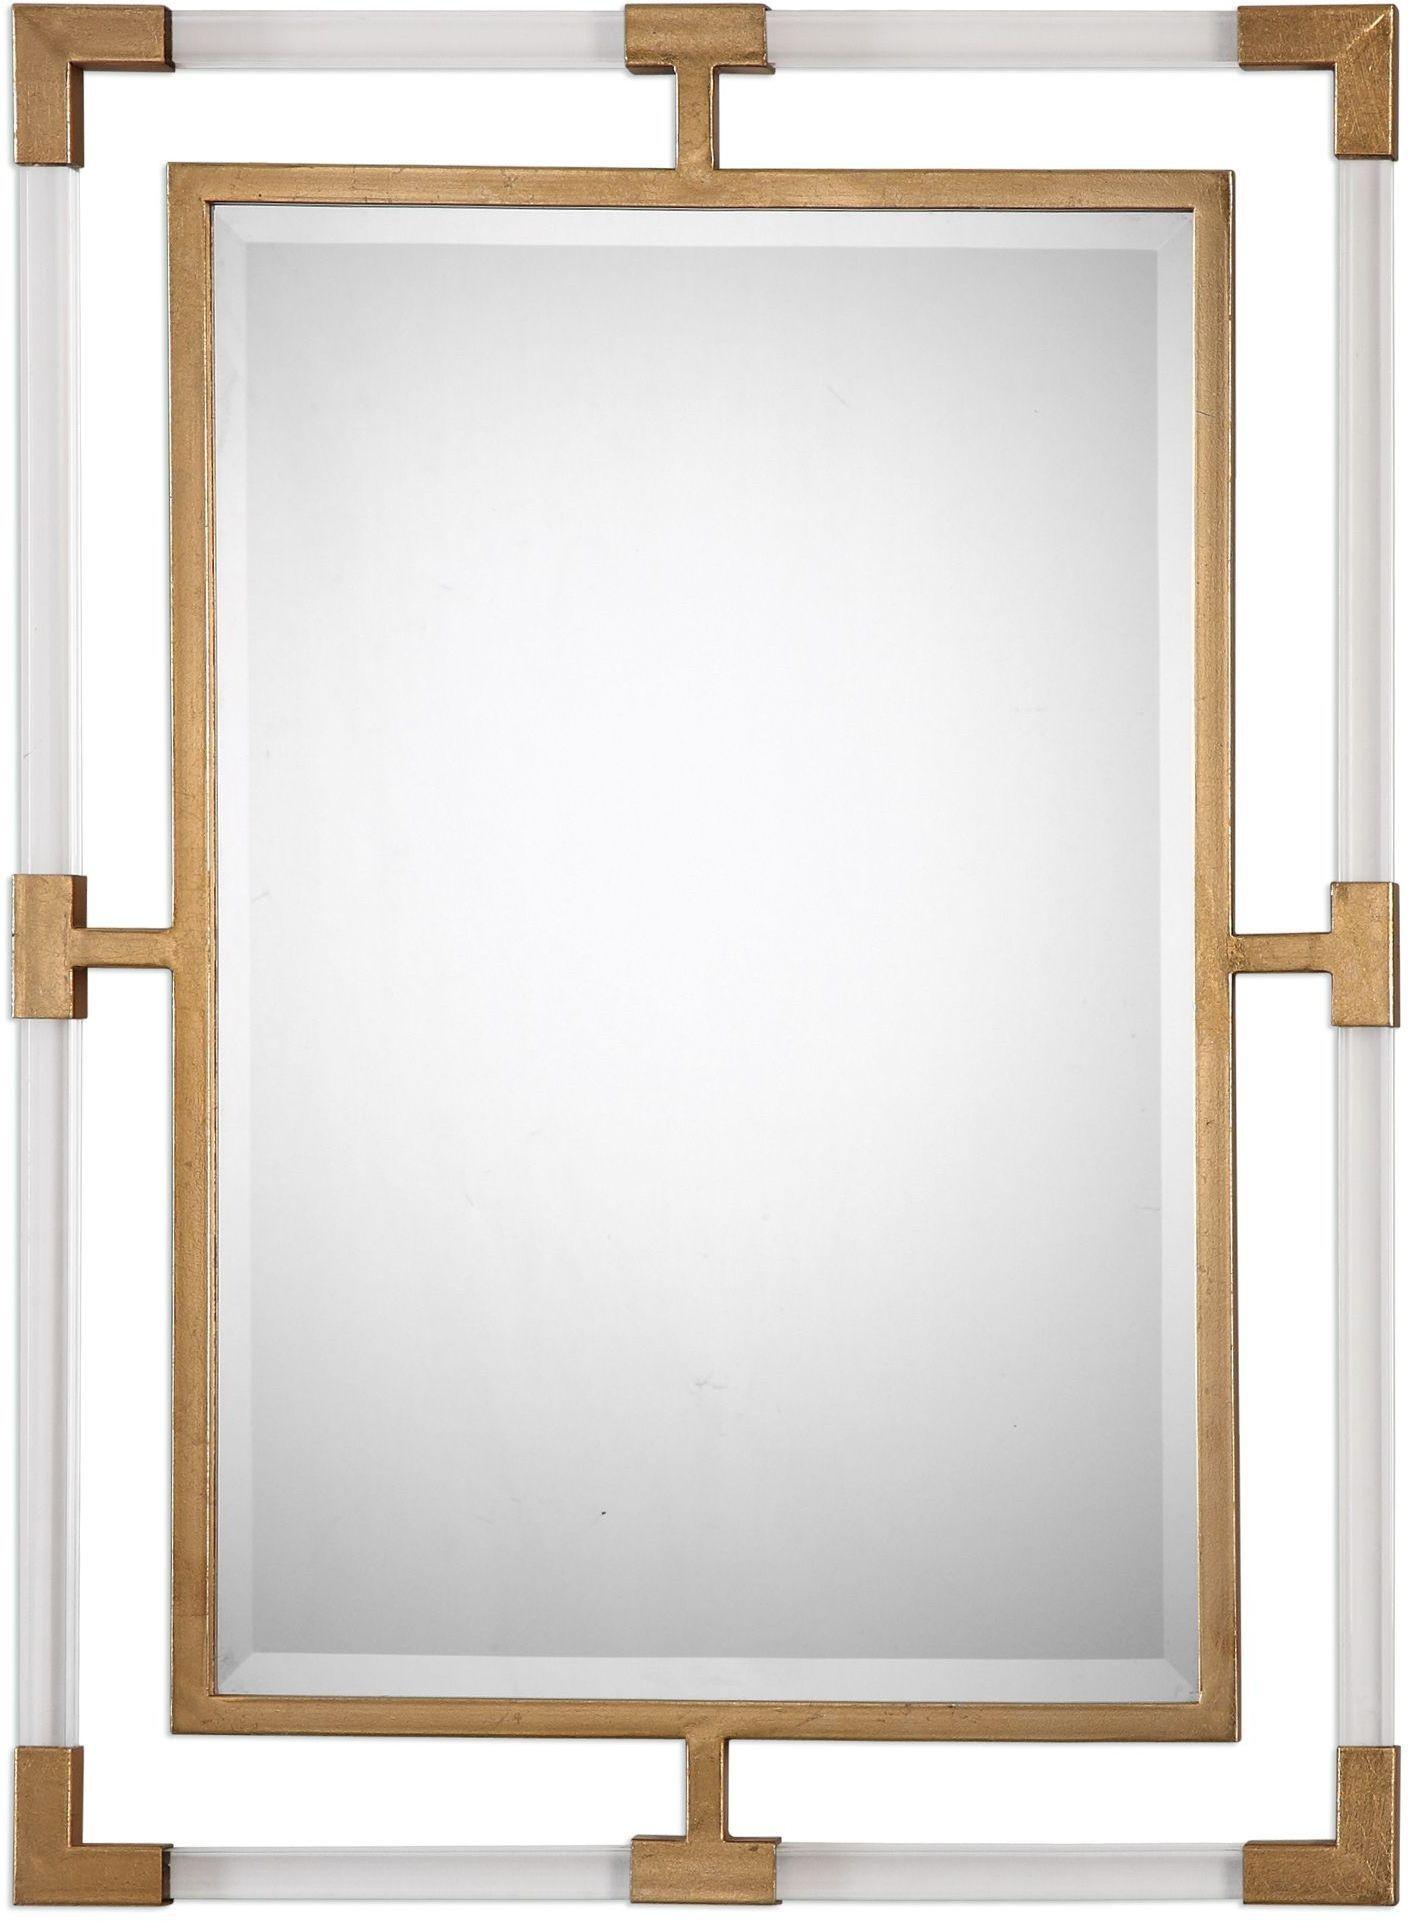 Balkan Modern Gold Wall Mirror From Uttermost Coleman